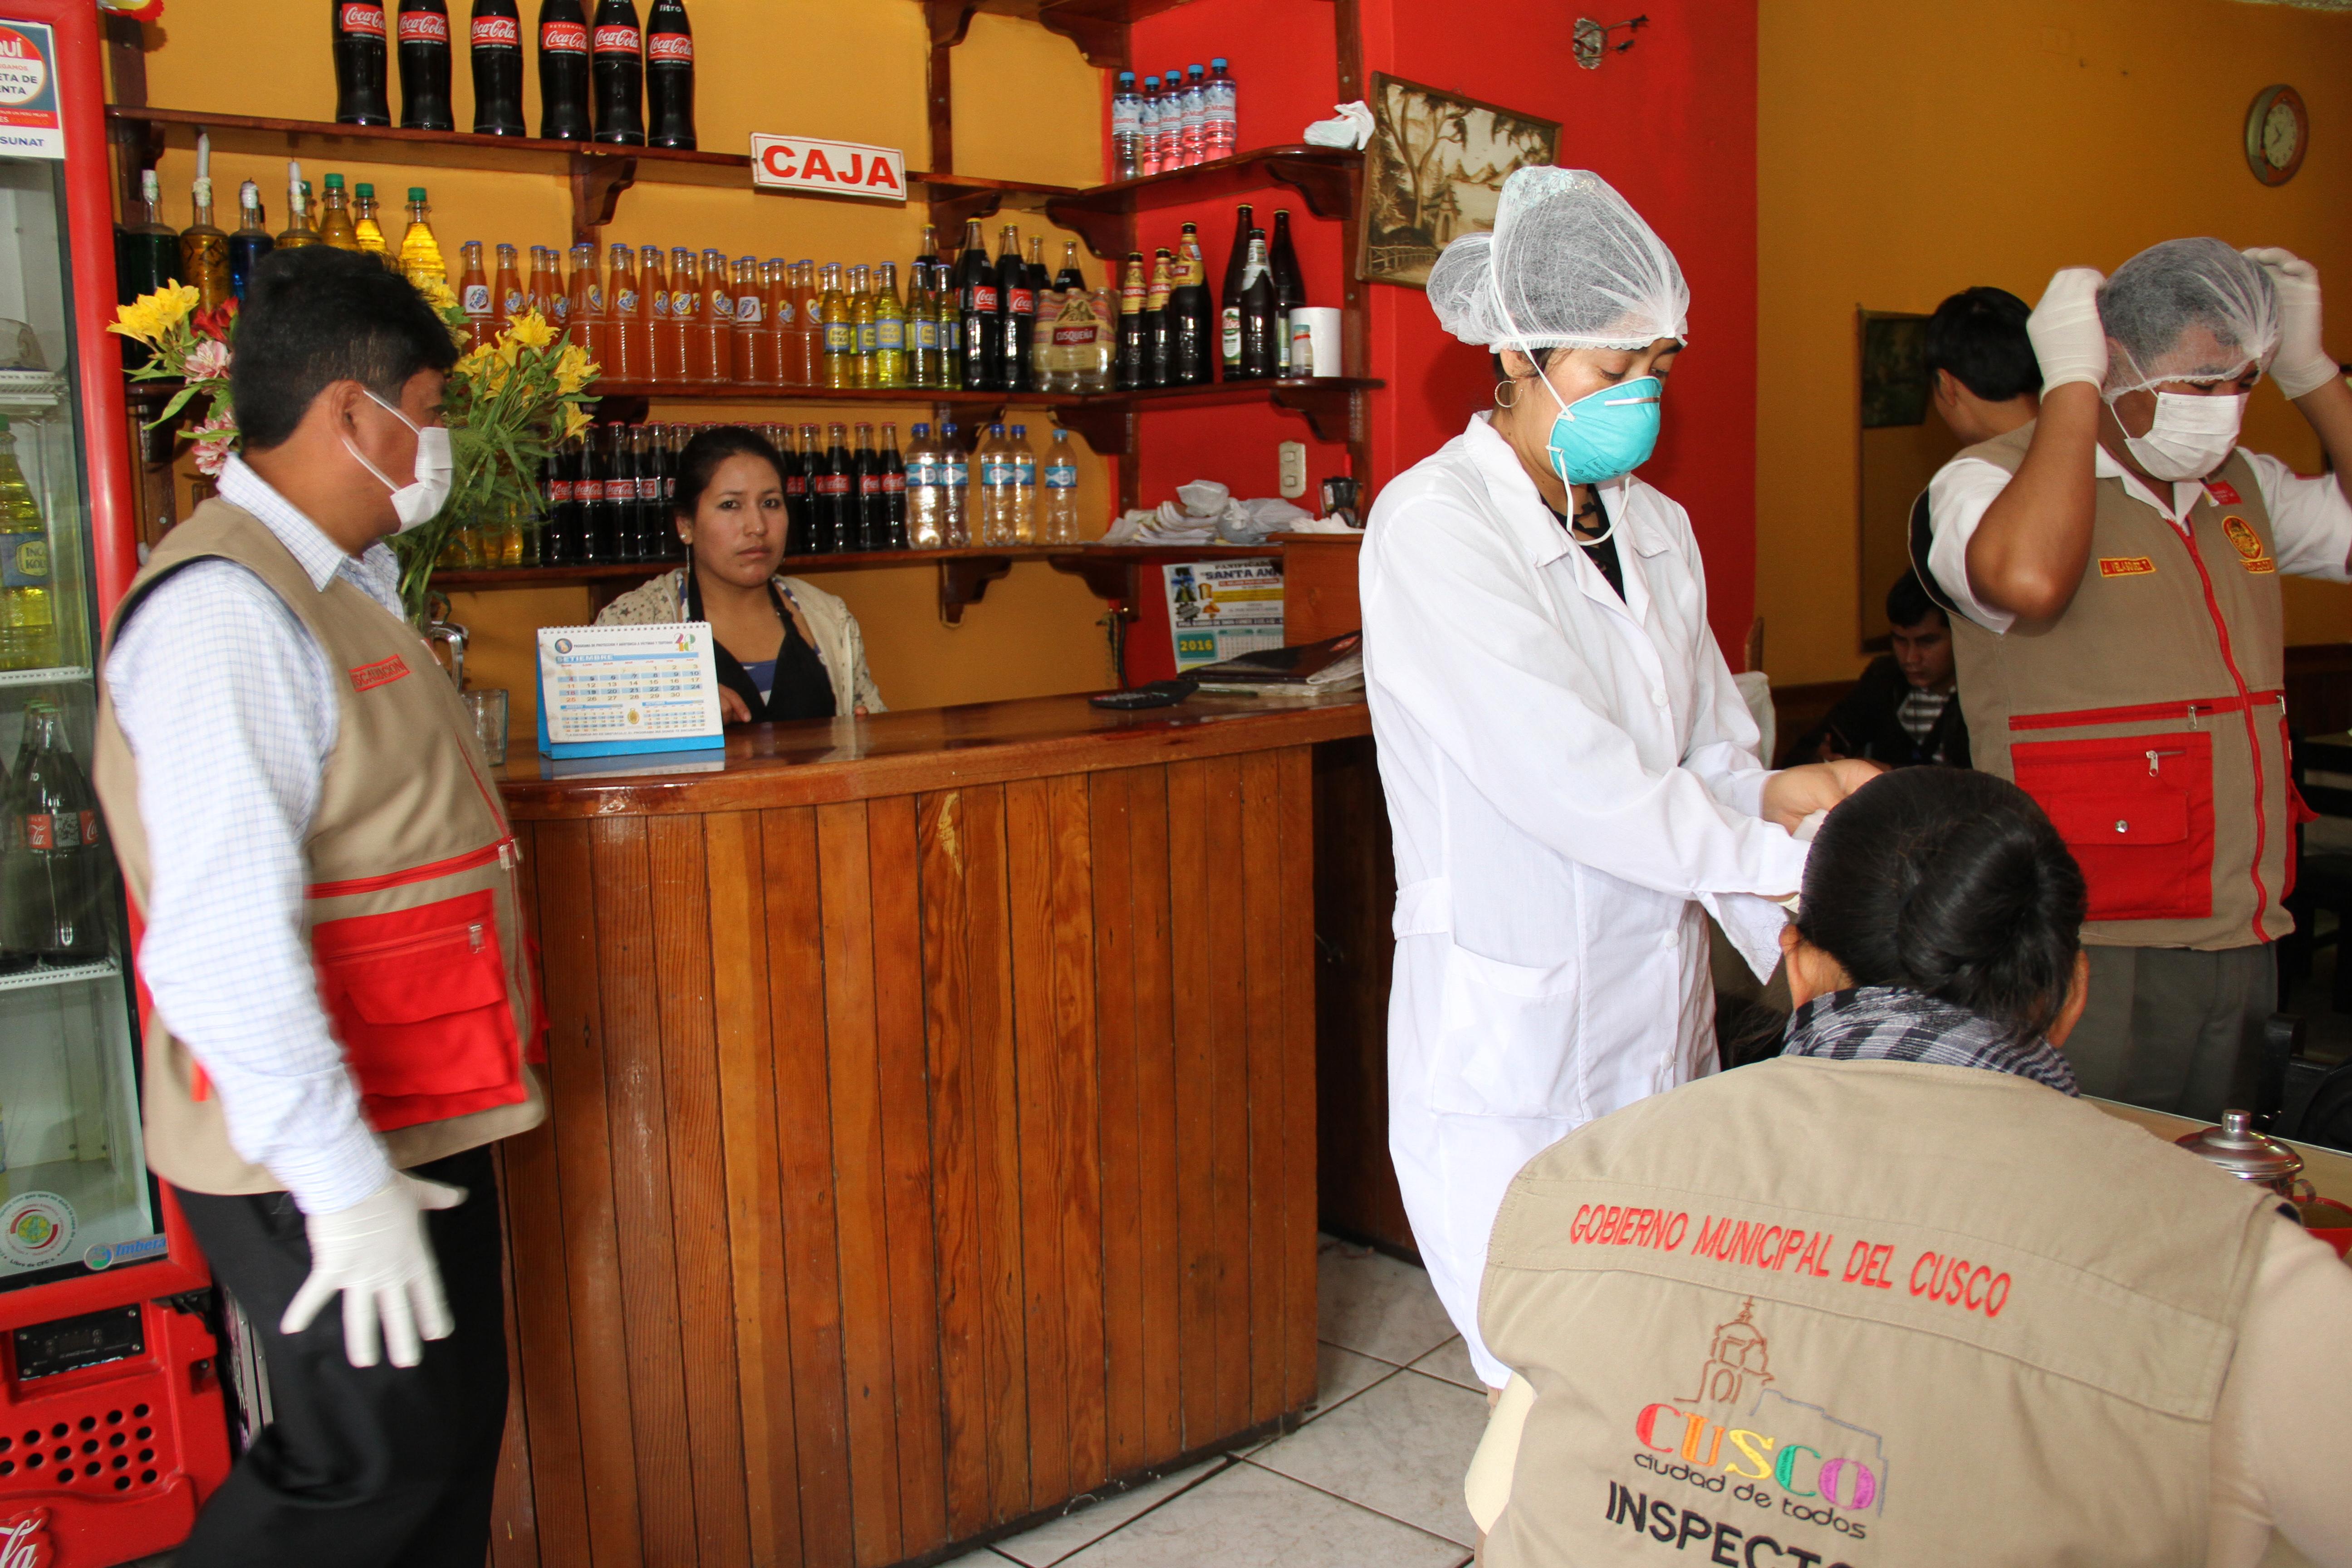 Operativos serán permanentes en el centro de la ciudad MUNICIPALIDAD DEL CUSCO IMPONE MANO DURA A CENTROS DE DIVERSIÓN Y RESTAURANTES QUE NO CUMPLEN CON LAS NORMAS VIGENTES DE SEGURIDAD E HIGIENE